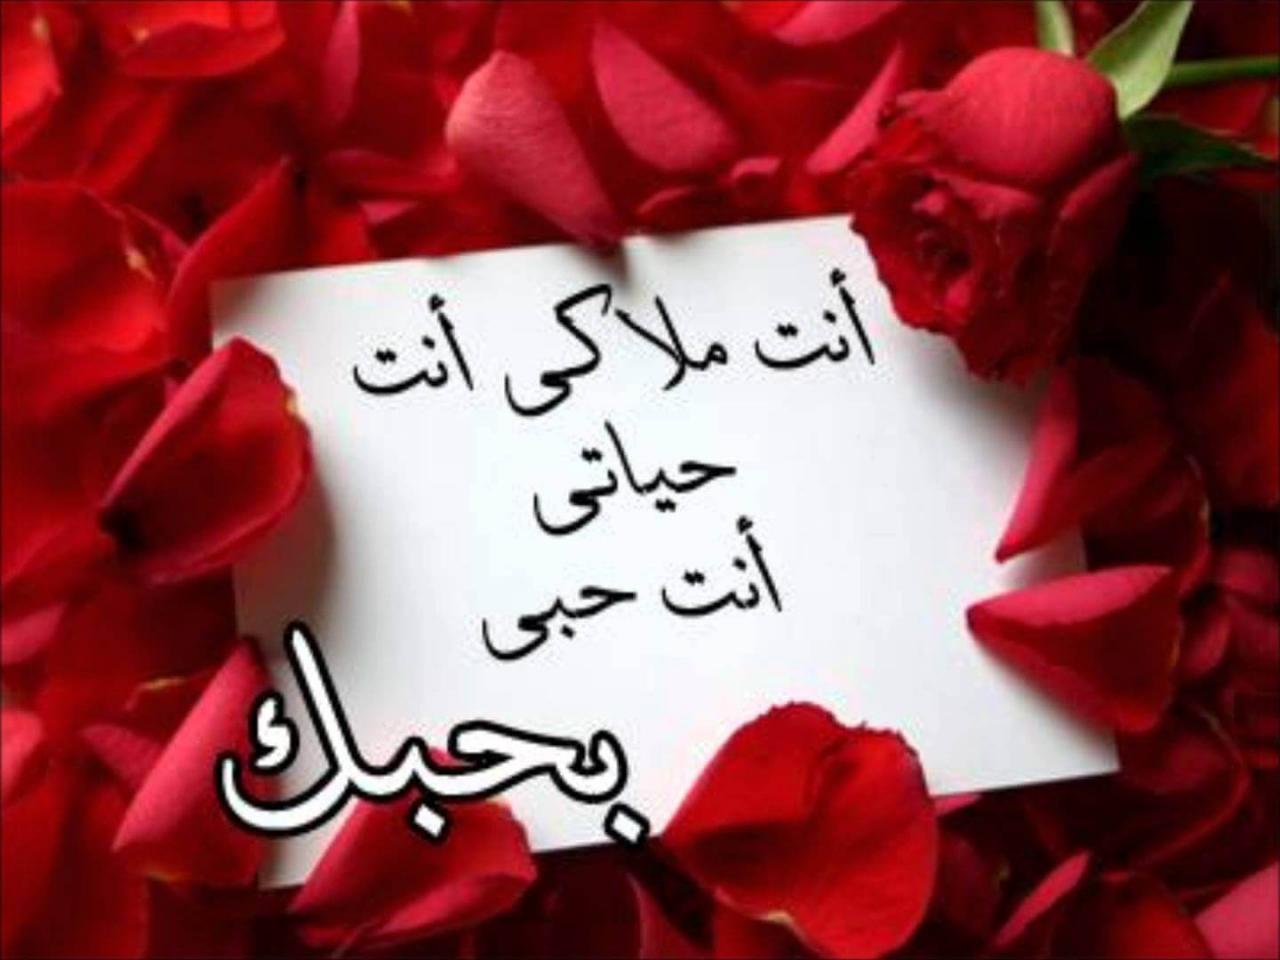 صورة اجمل رسائل الحب والشوق , معقولة رساله حب حلوة اوى كدا 1417 3